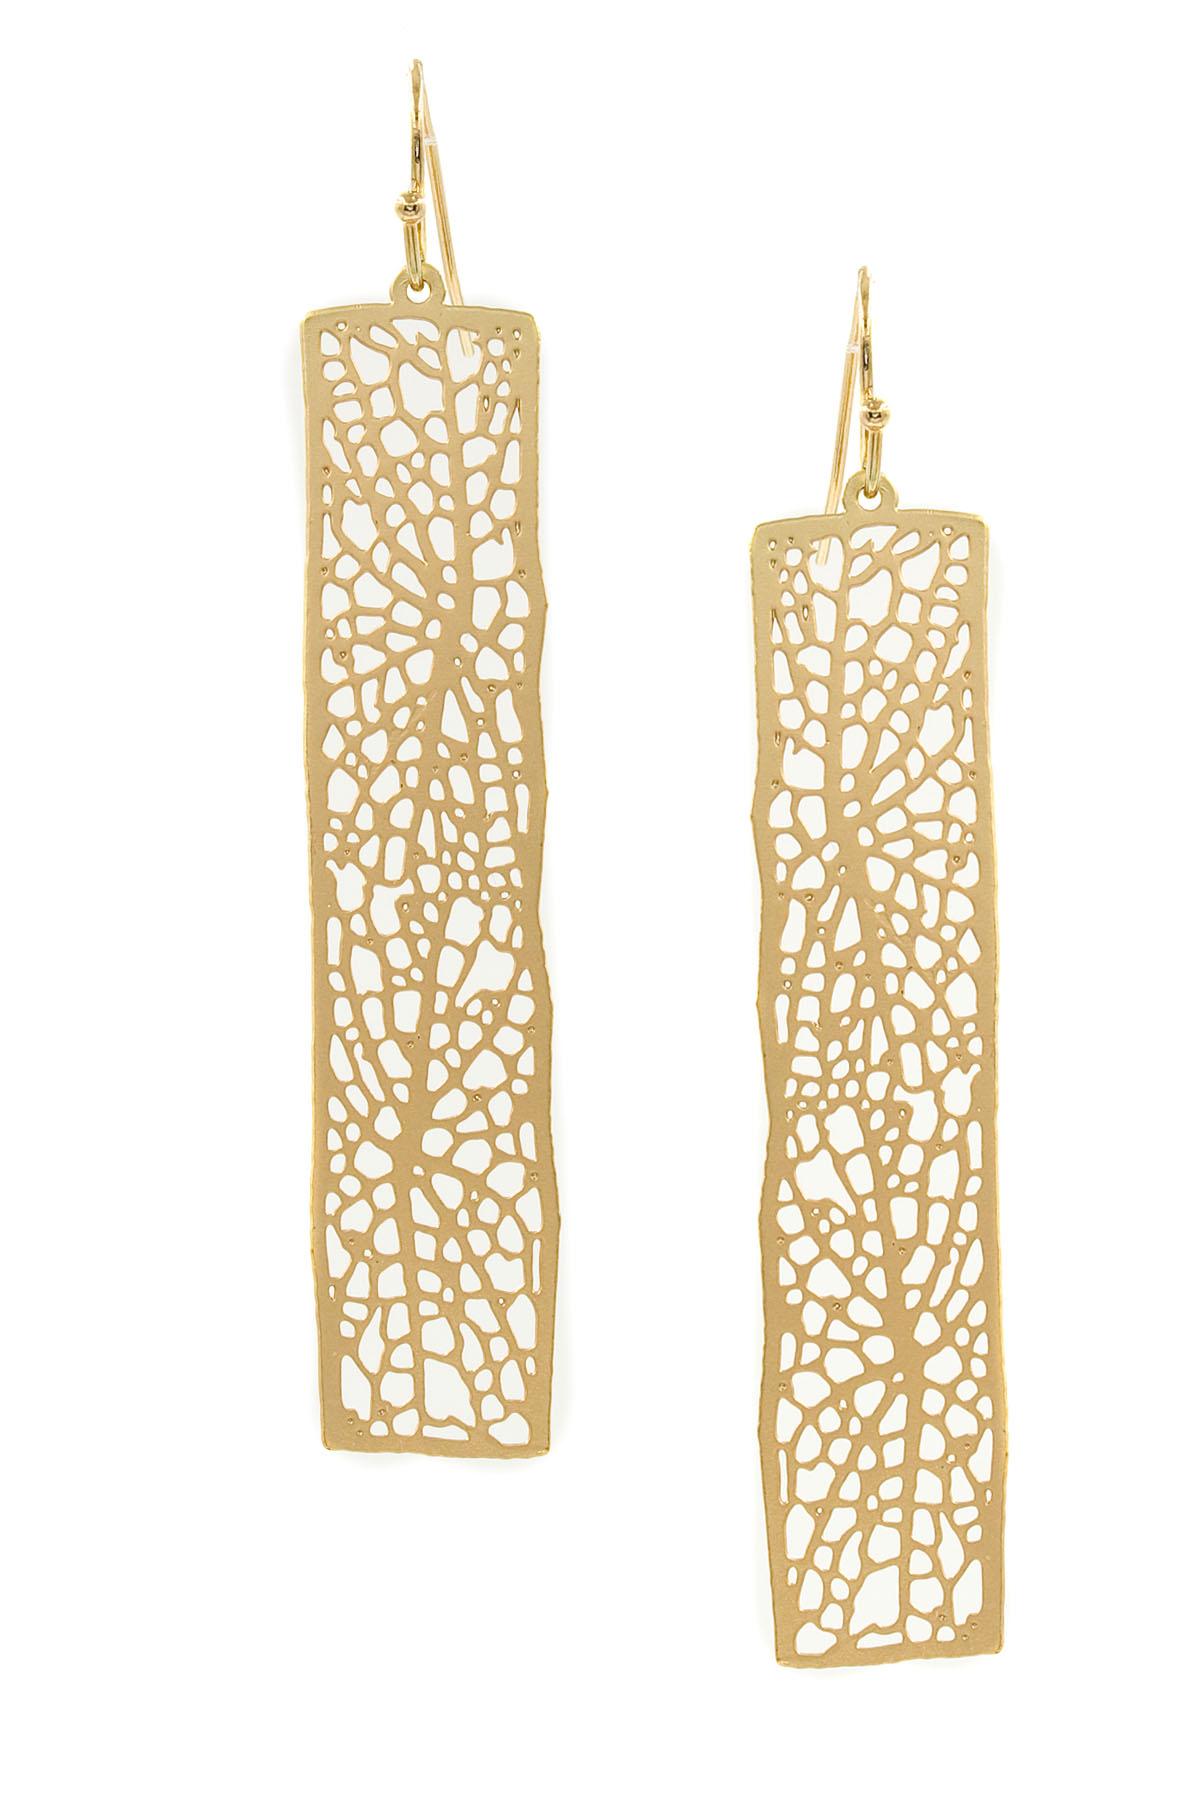 14K Gold Rectangular Earrings (Long) - earrings